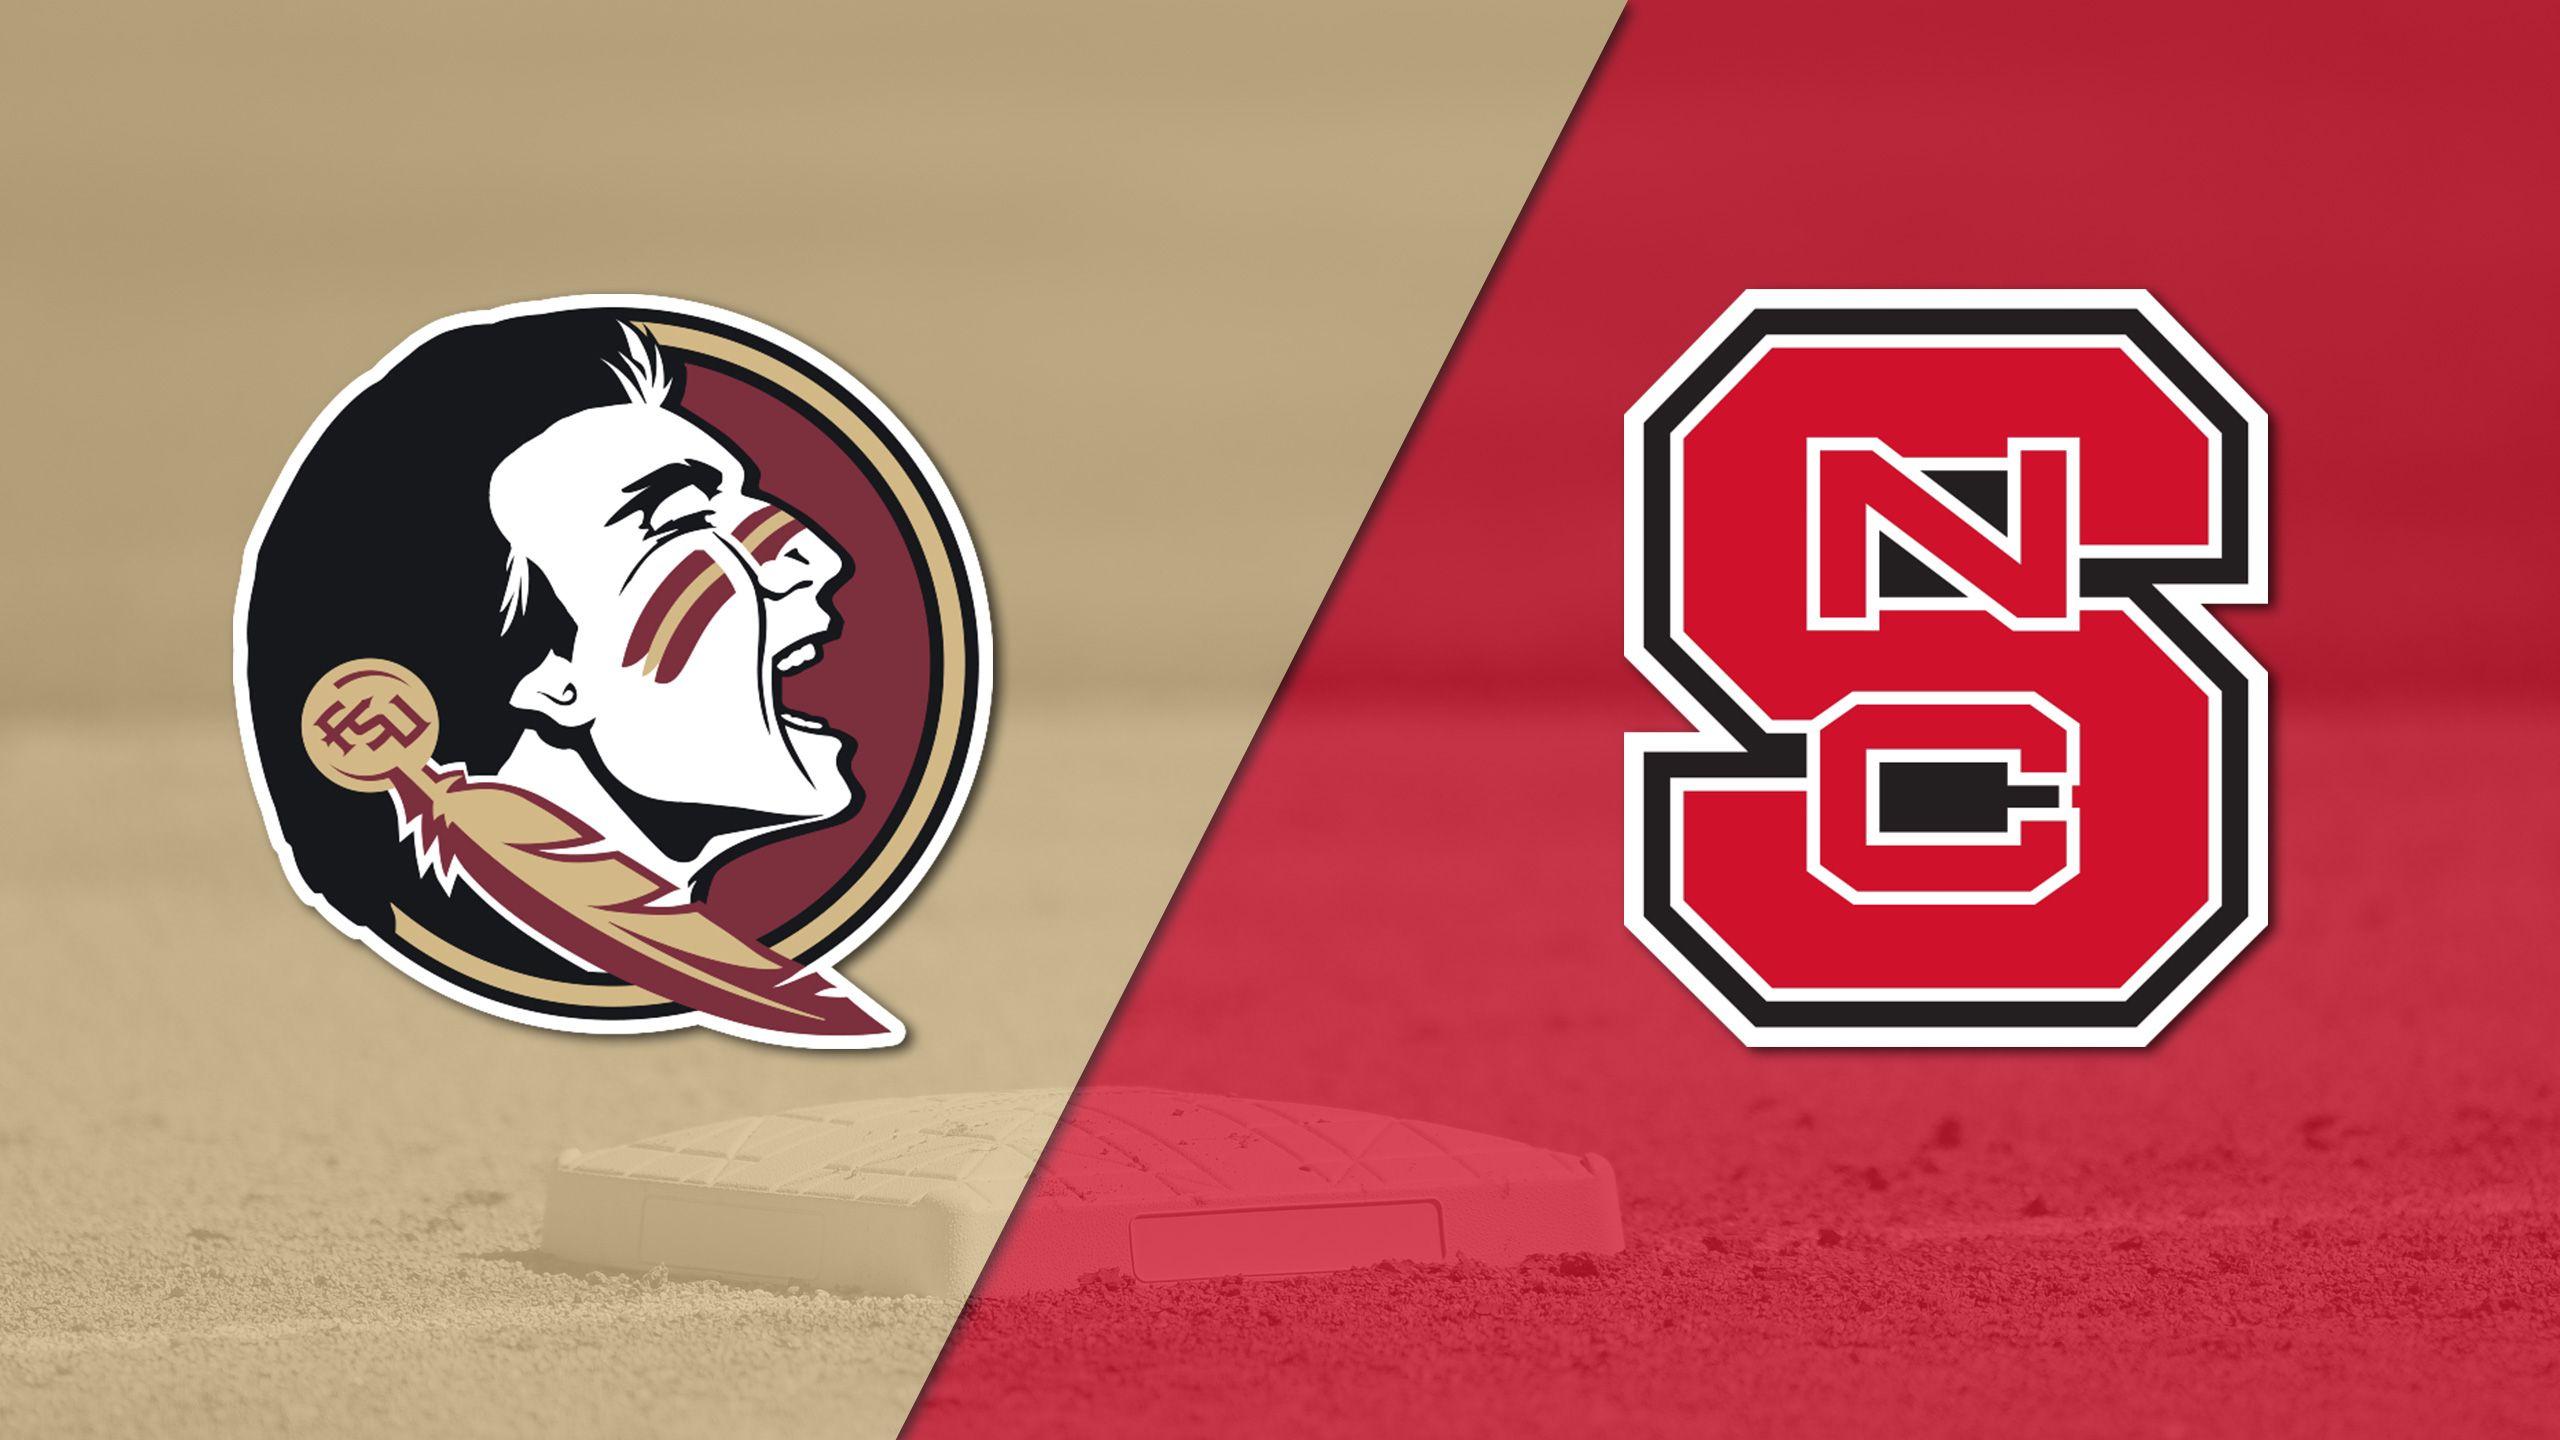 #19 Florida State vs. NC State (Baseball)